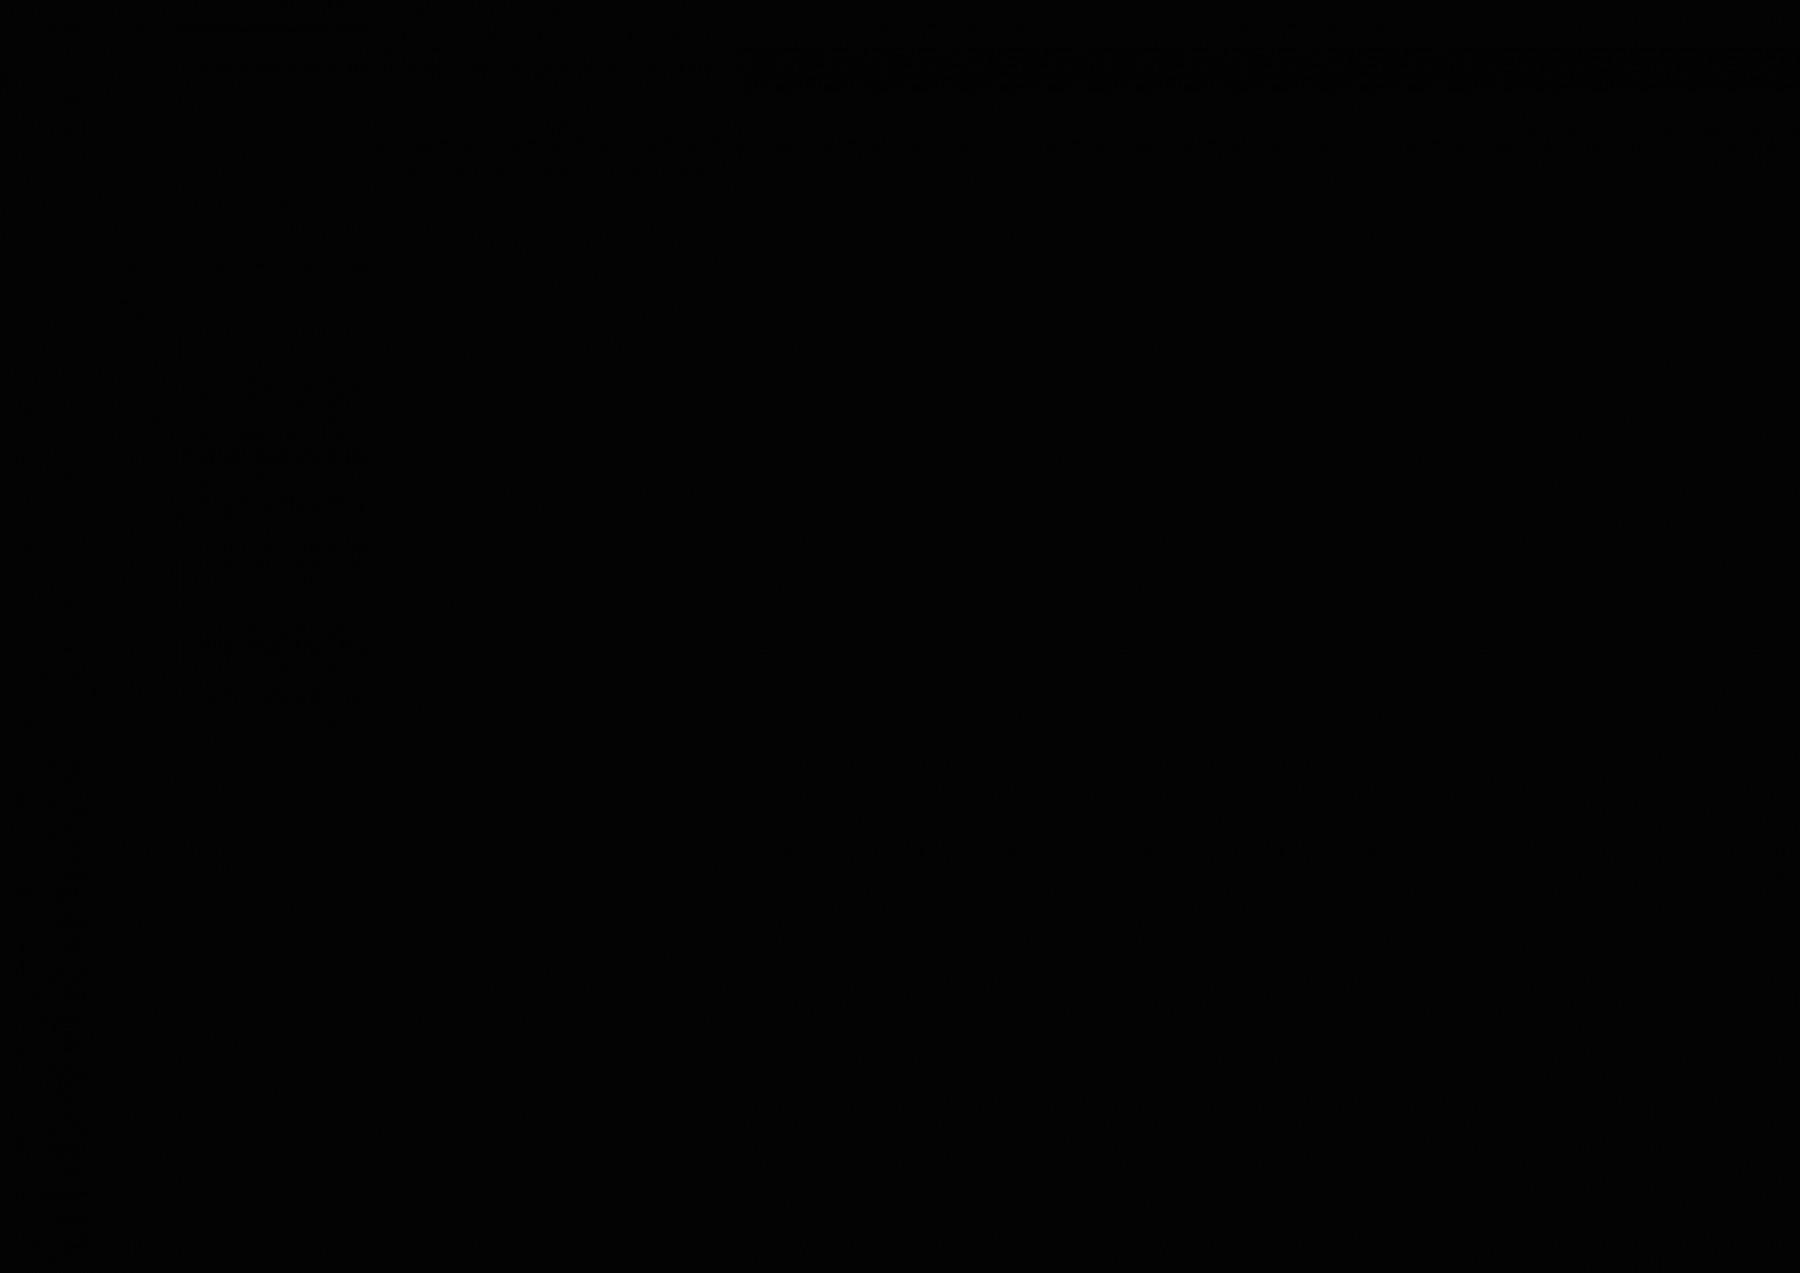 effen-achtergrond-zwart-1800[1]